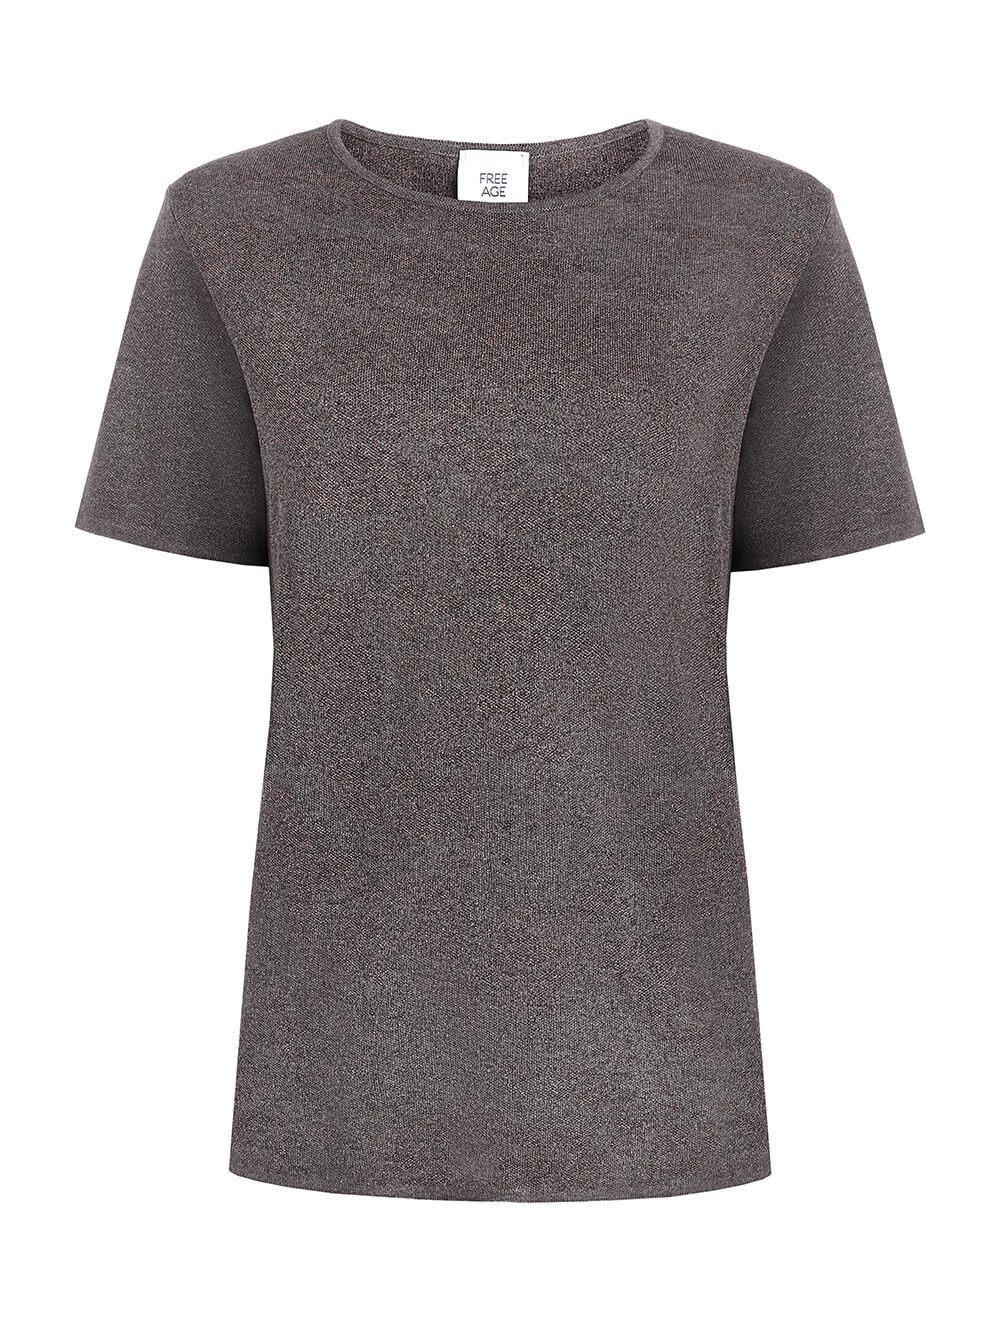 Женская футболка коричневого цвета из вискозы - фото 1